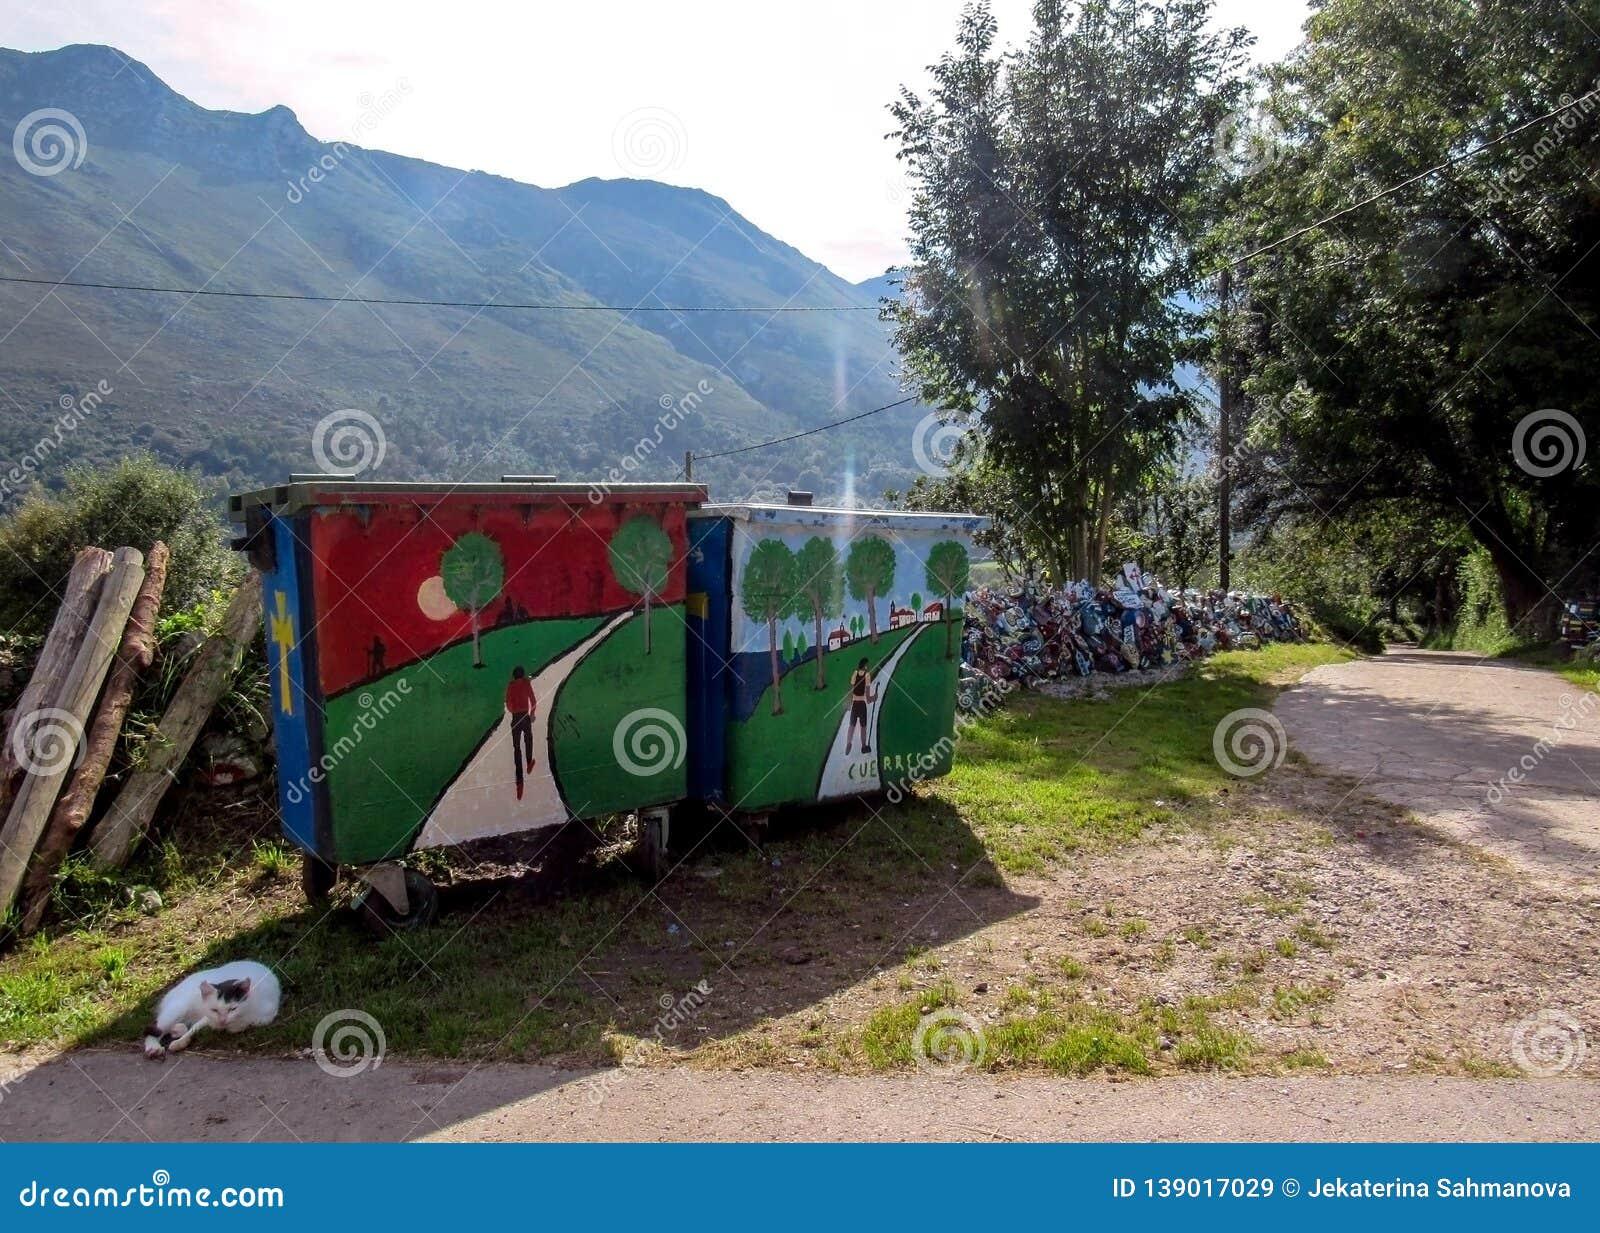 Beautiful colorful street art welcoming pilgrims in Cuerres, Asturias, Camino de Santiago route, Spain